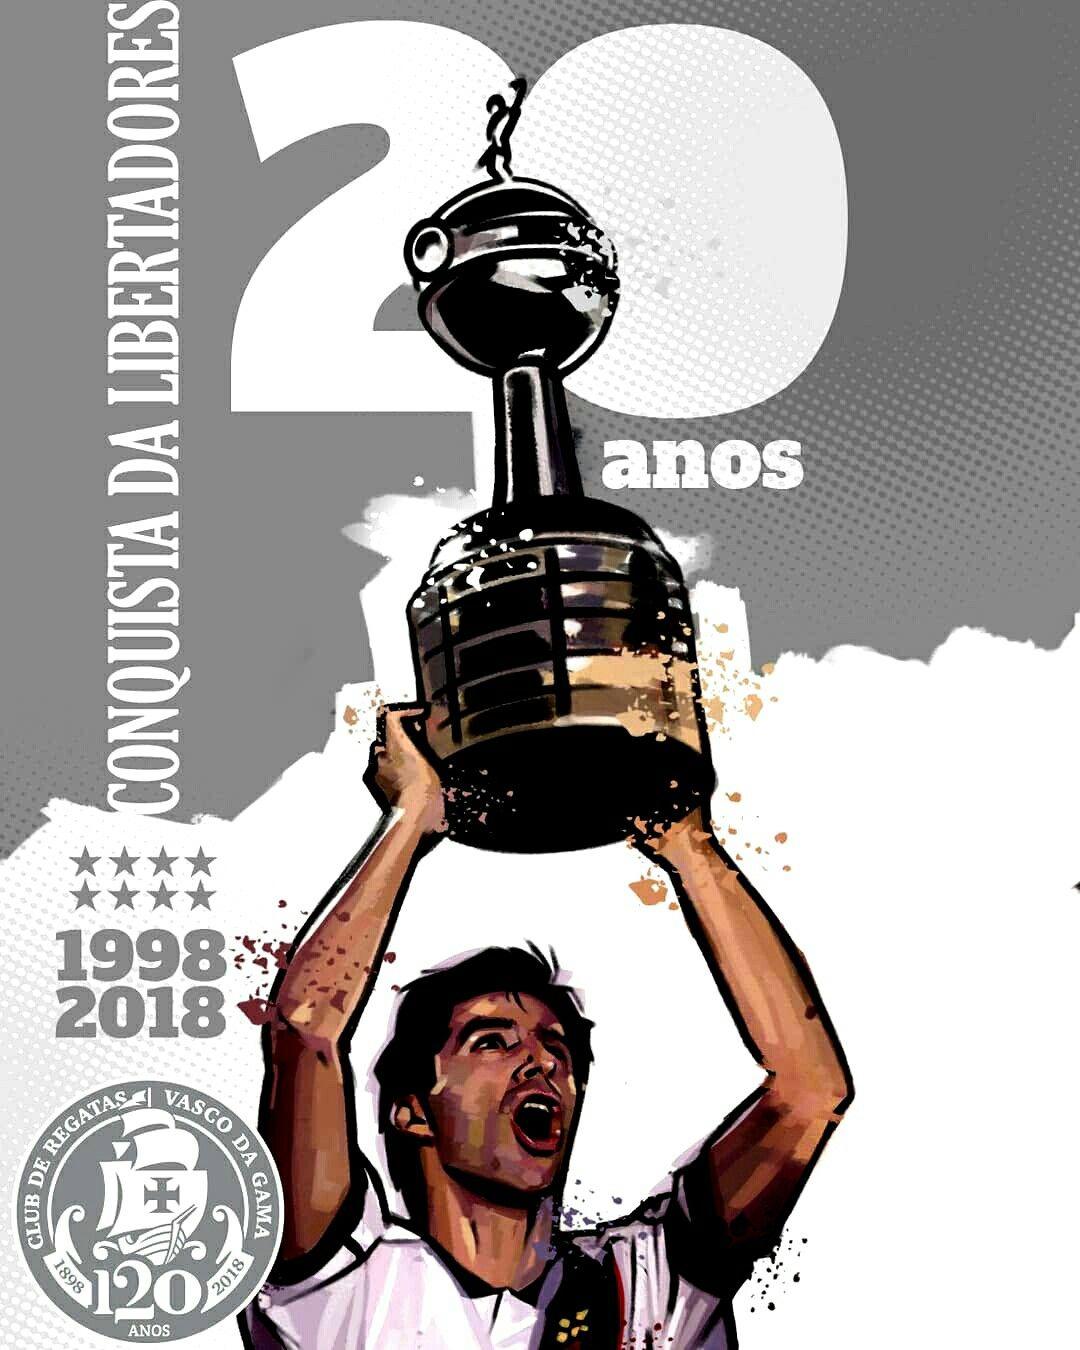 ecb0a9313 Vasco Libertadores 💢♥⛿ Edu 20 anos 1998-2018